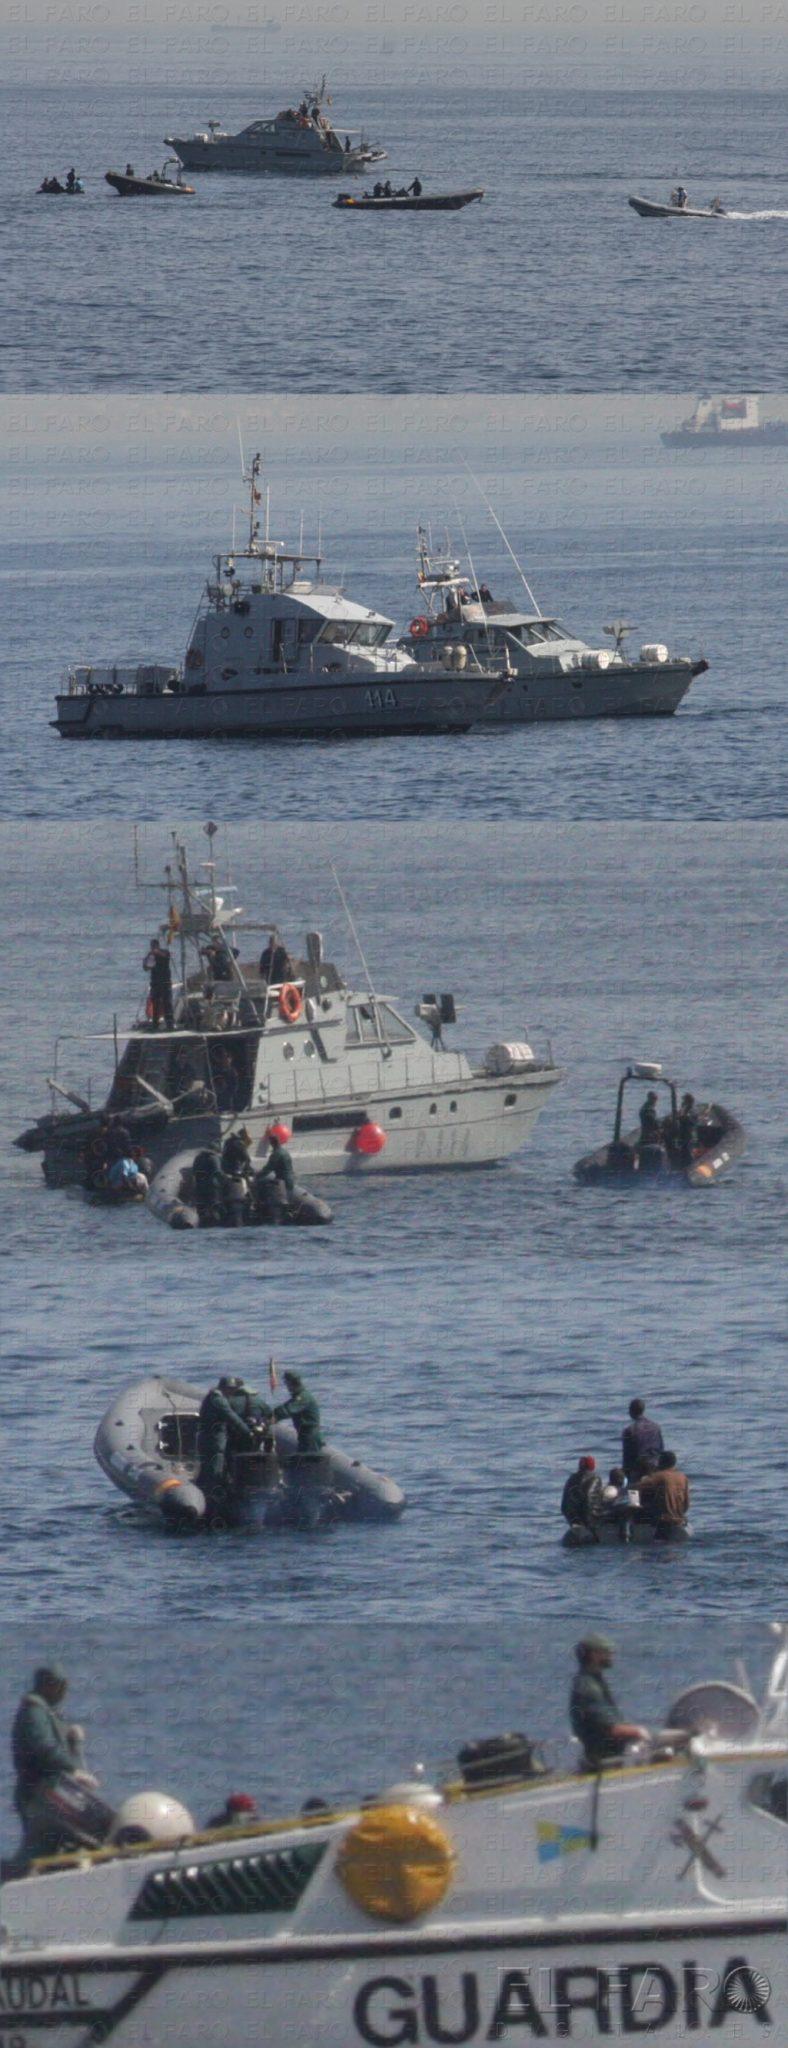 Moroccan Law Enforcement & Cost Guard Fleet / Vedettes de Surveillance et les Gardes des Côtes - Page 6 Fotosceuta_2012_05_16_pag14y15_14-3